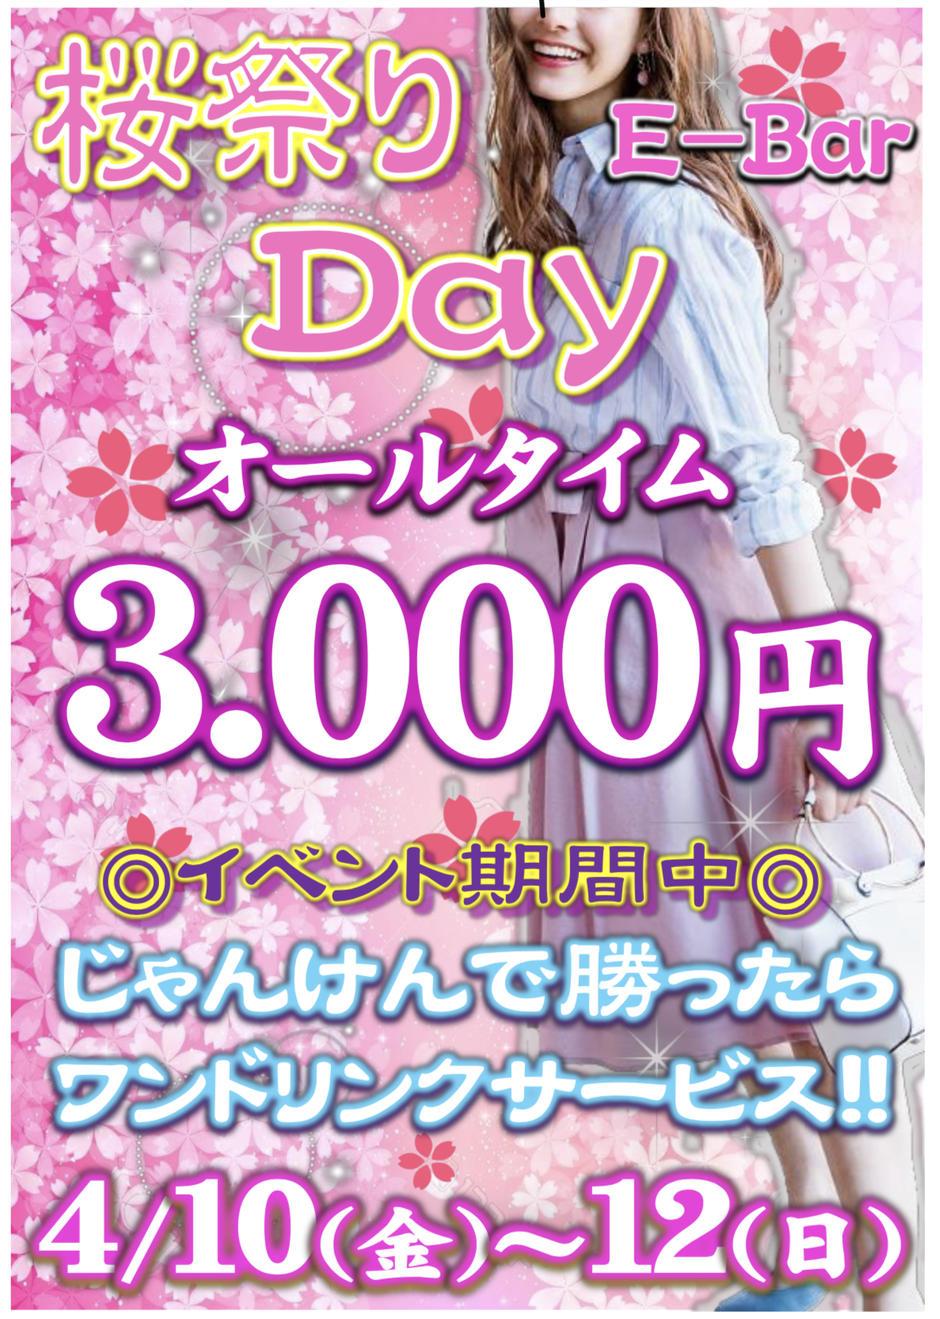 桜祭りDay